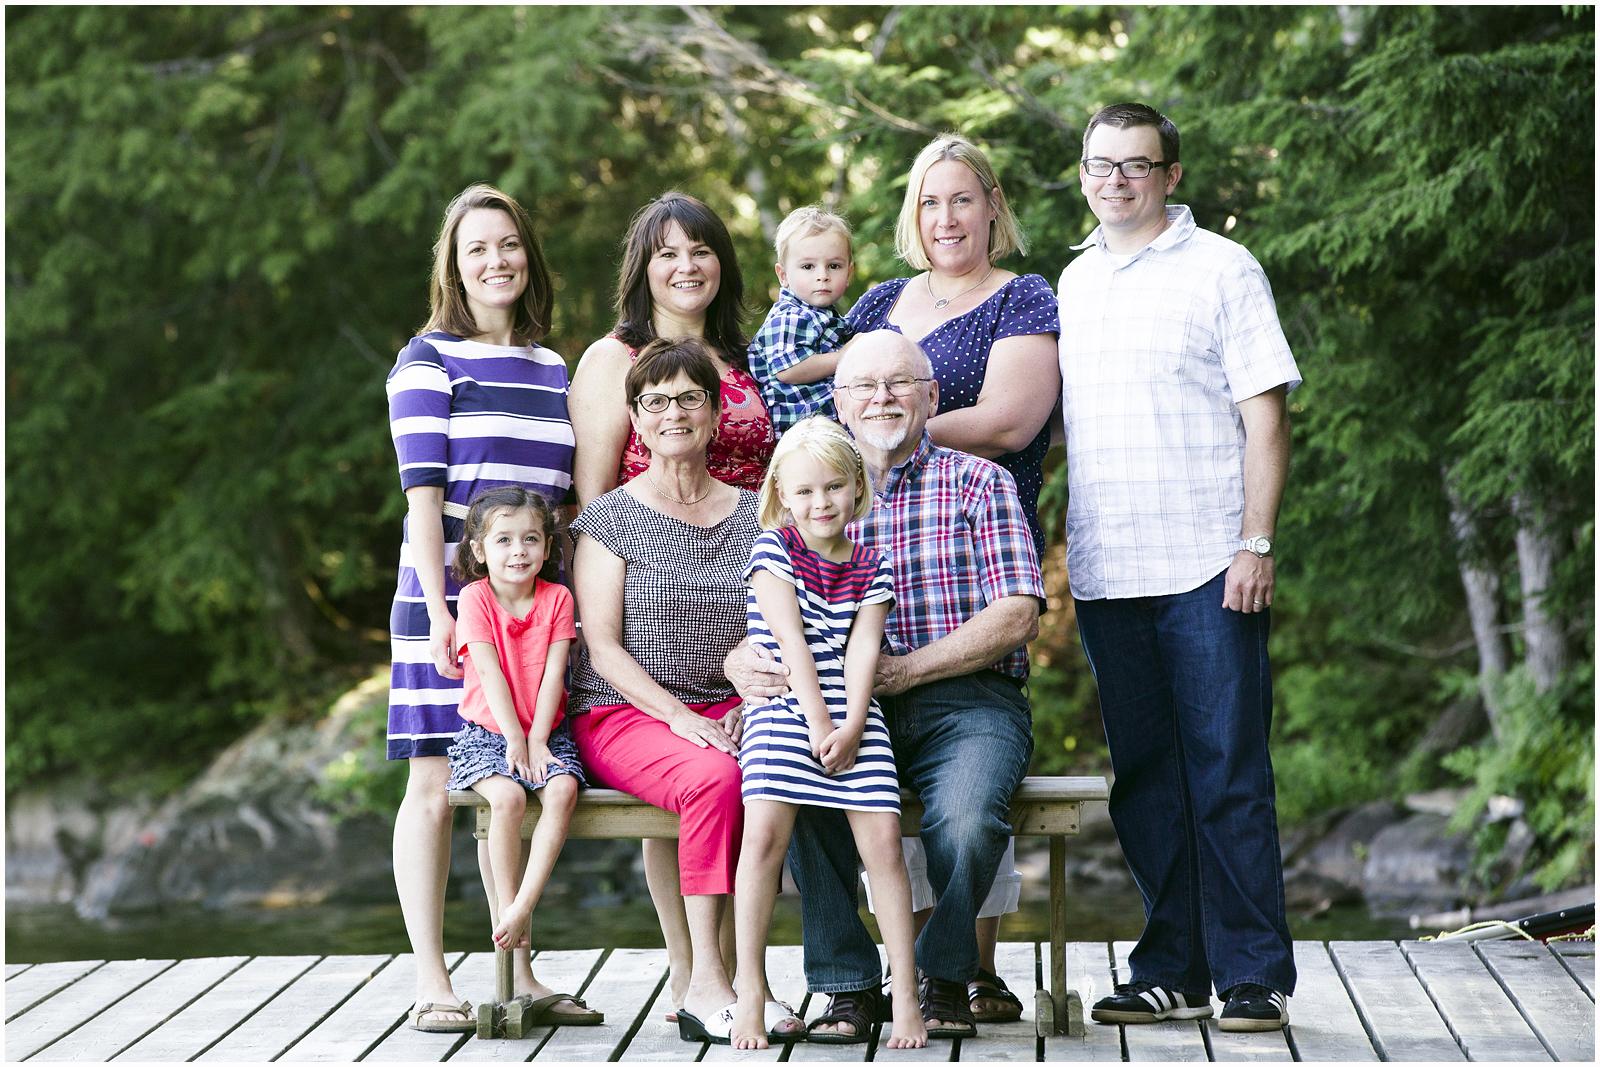 turnbull family portfolio 035.jpg